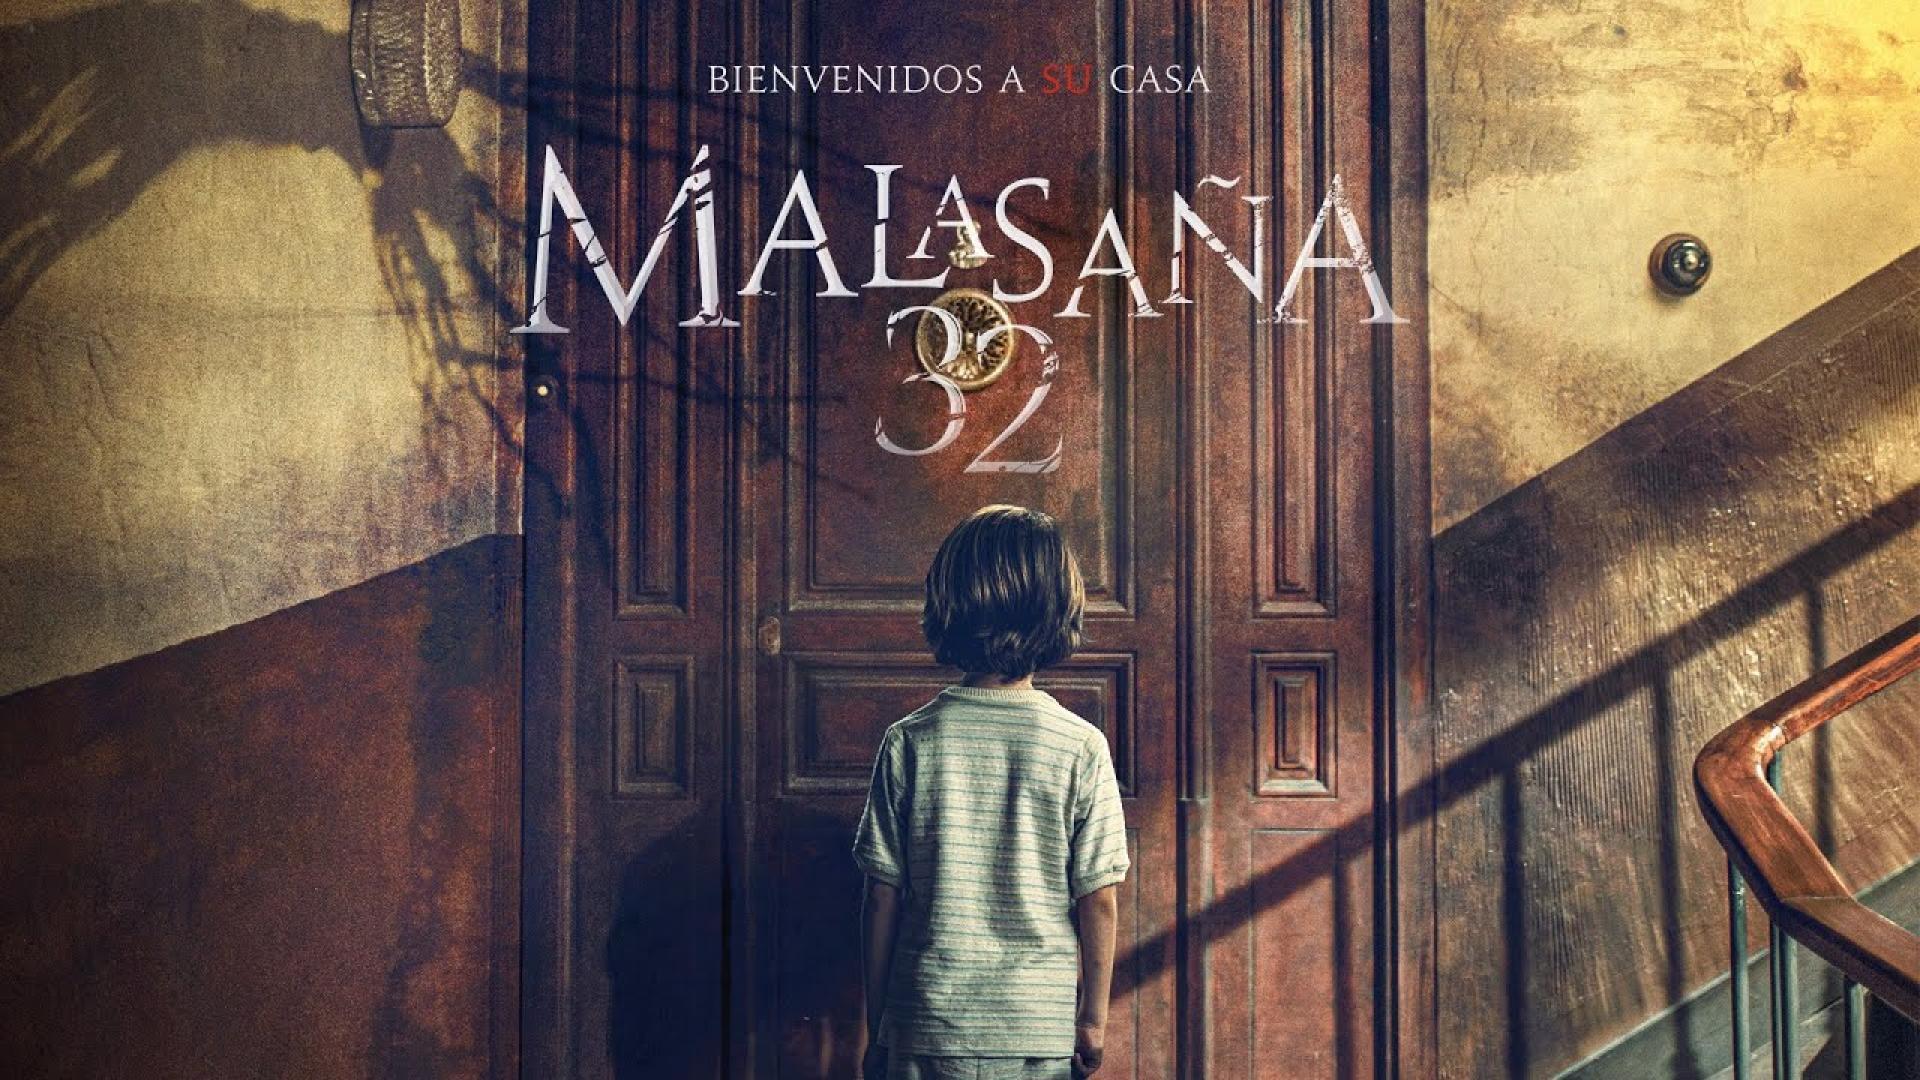 Malasaña 32 - A rémület háza (2020)